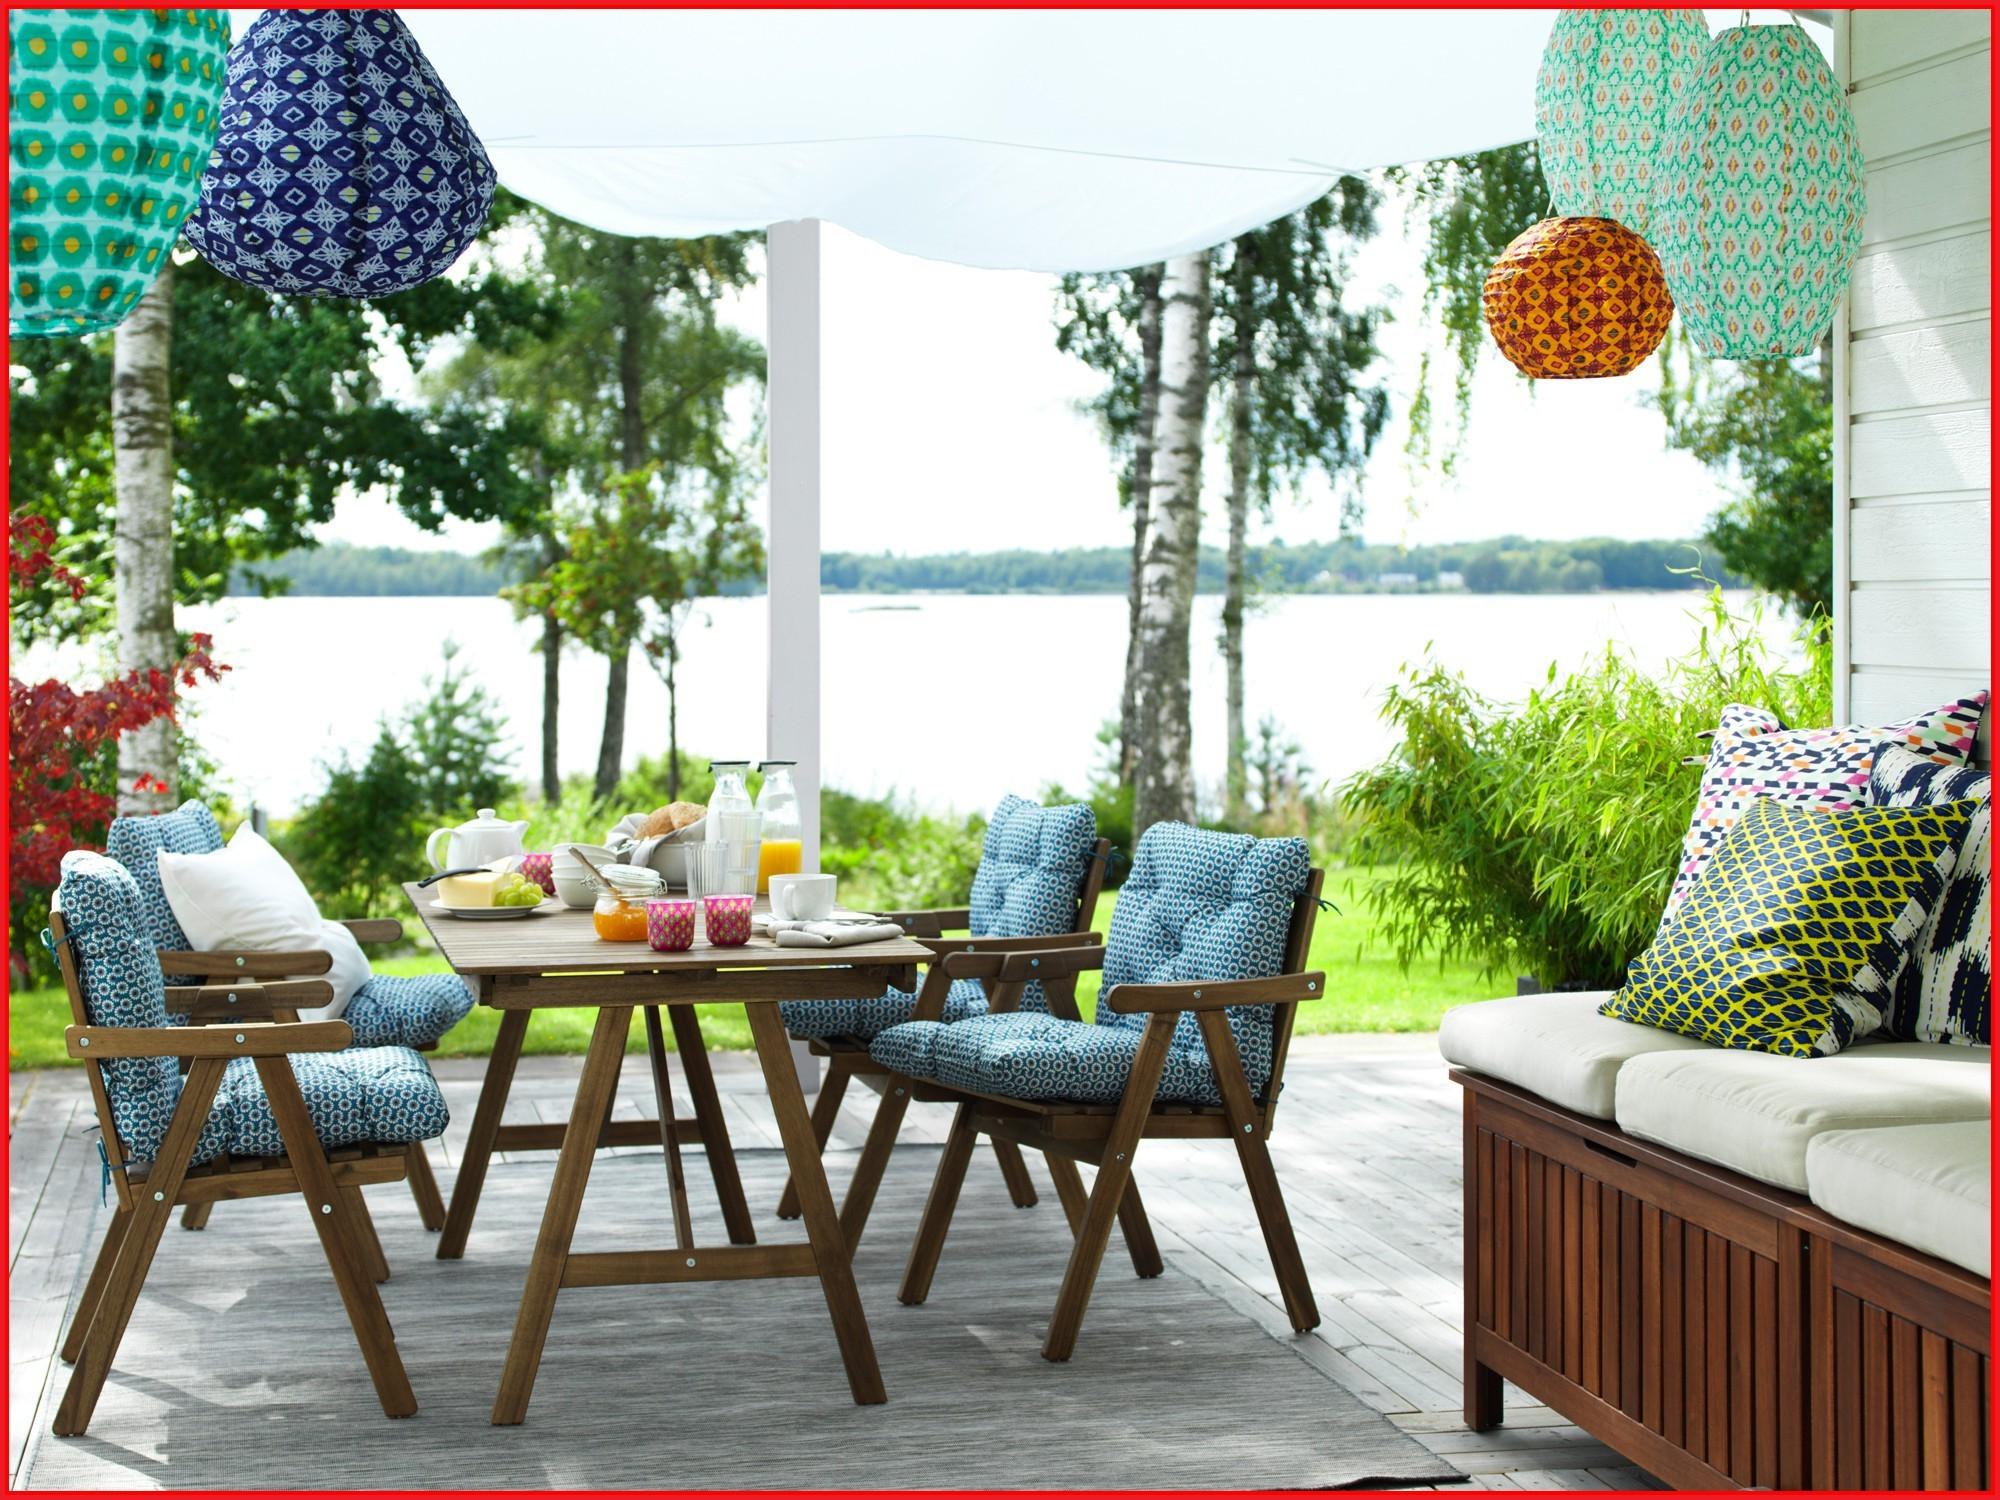 Muebles Jardin Ikea O2d5 Meglio Muebles Jardin Ikea Mobiliario De D Co Mueble